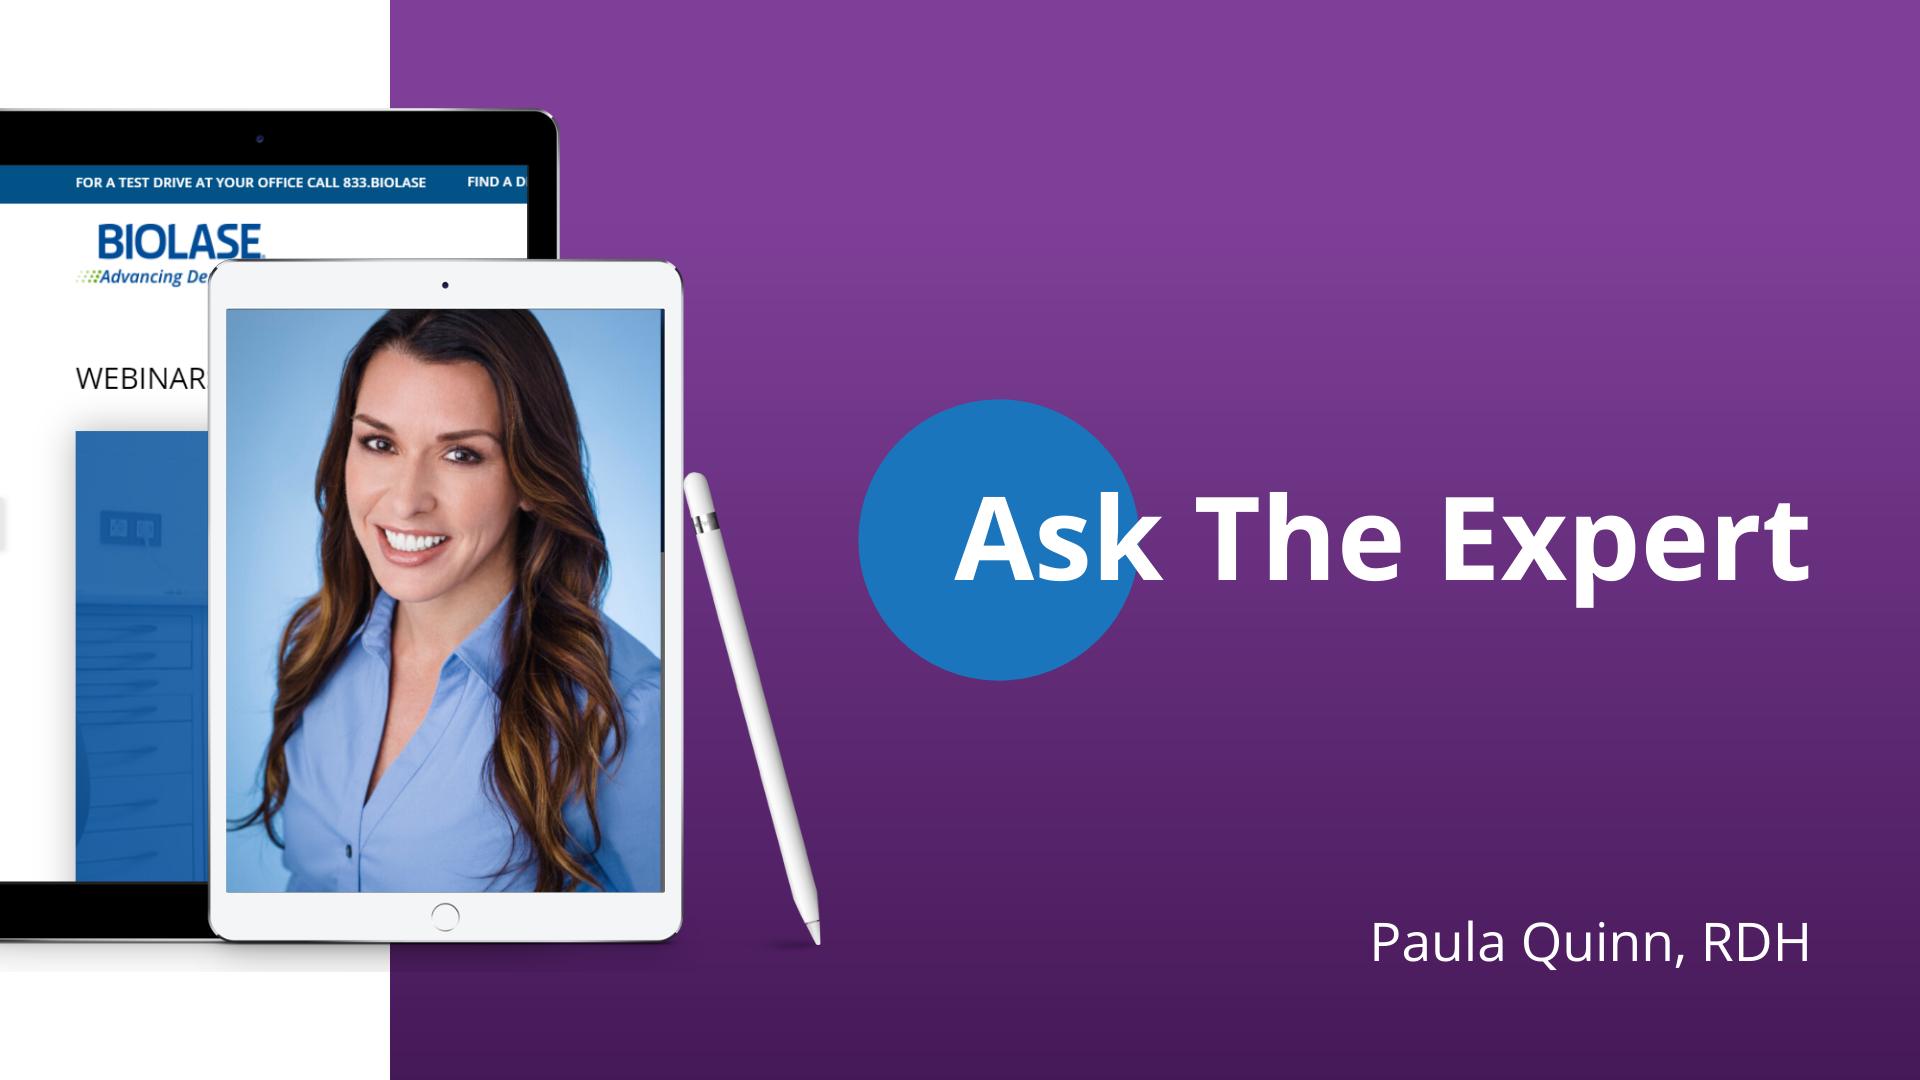 ask-expert-quinn